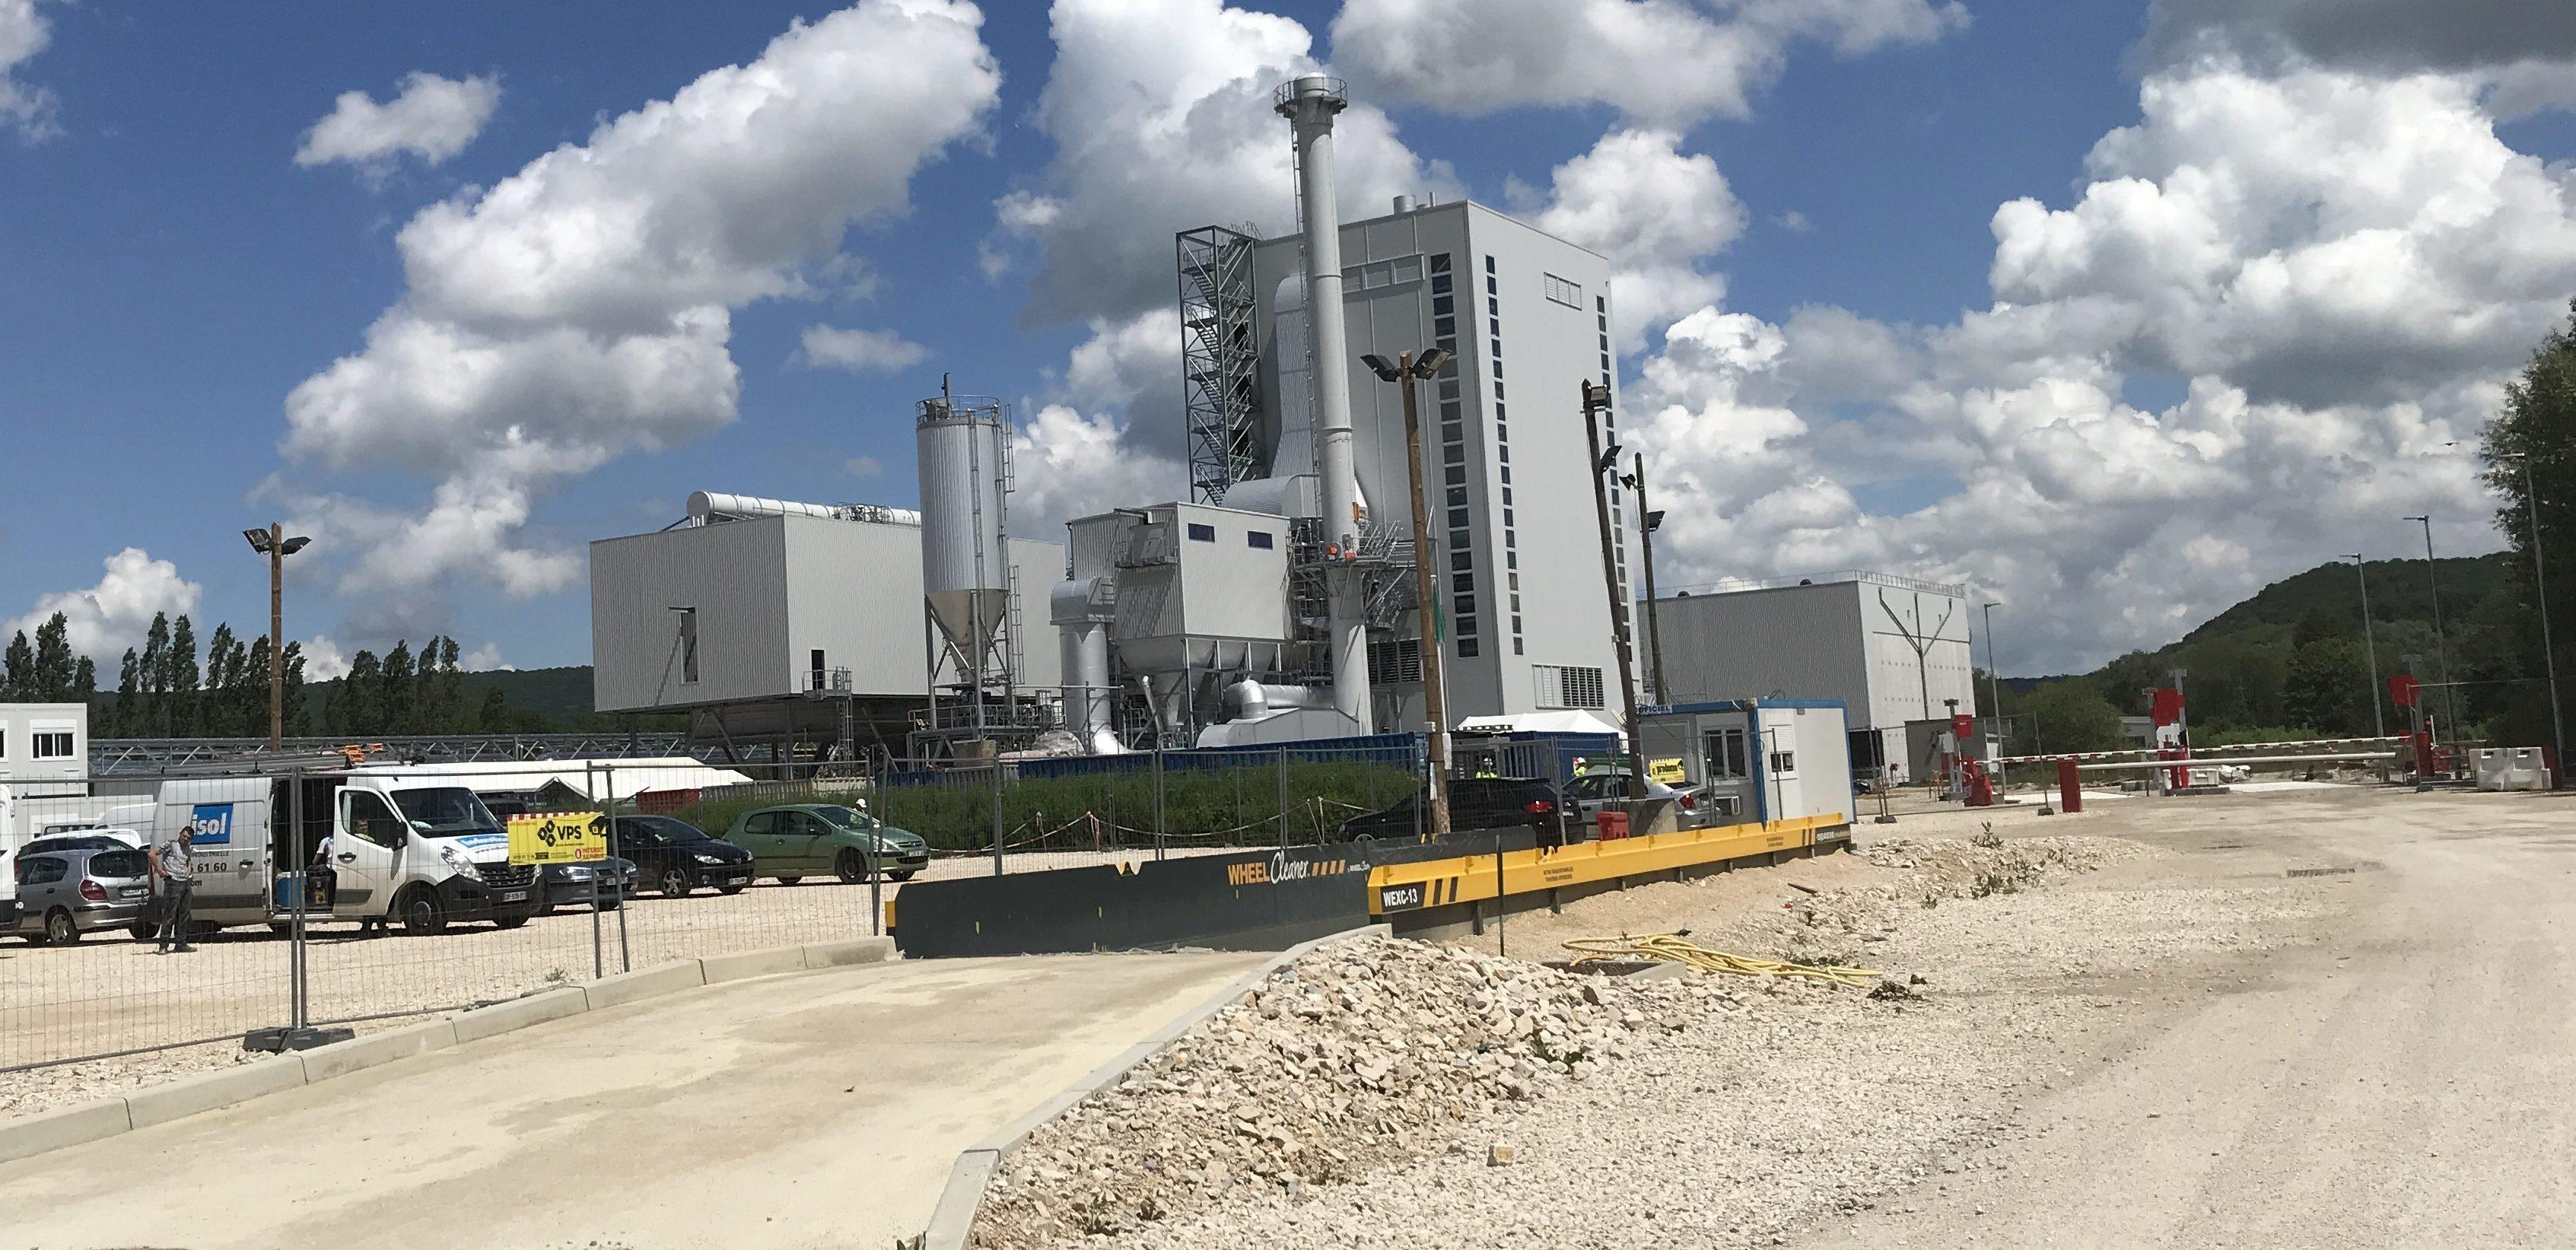 Biomasse équipée en Danfoss